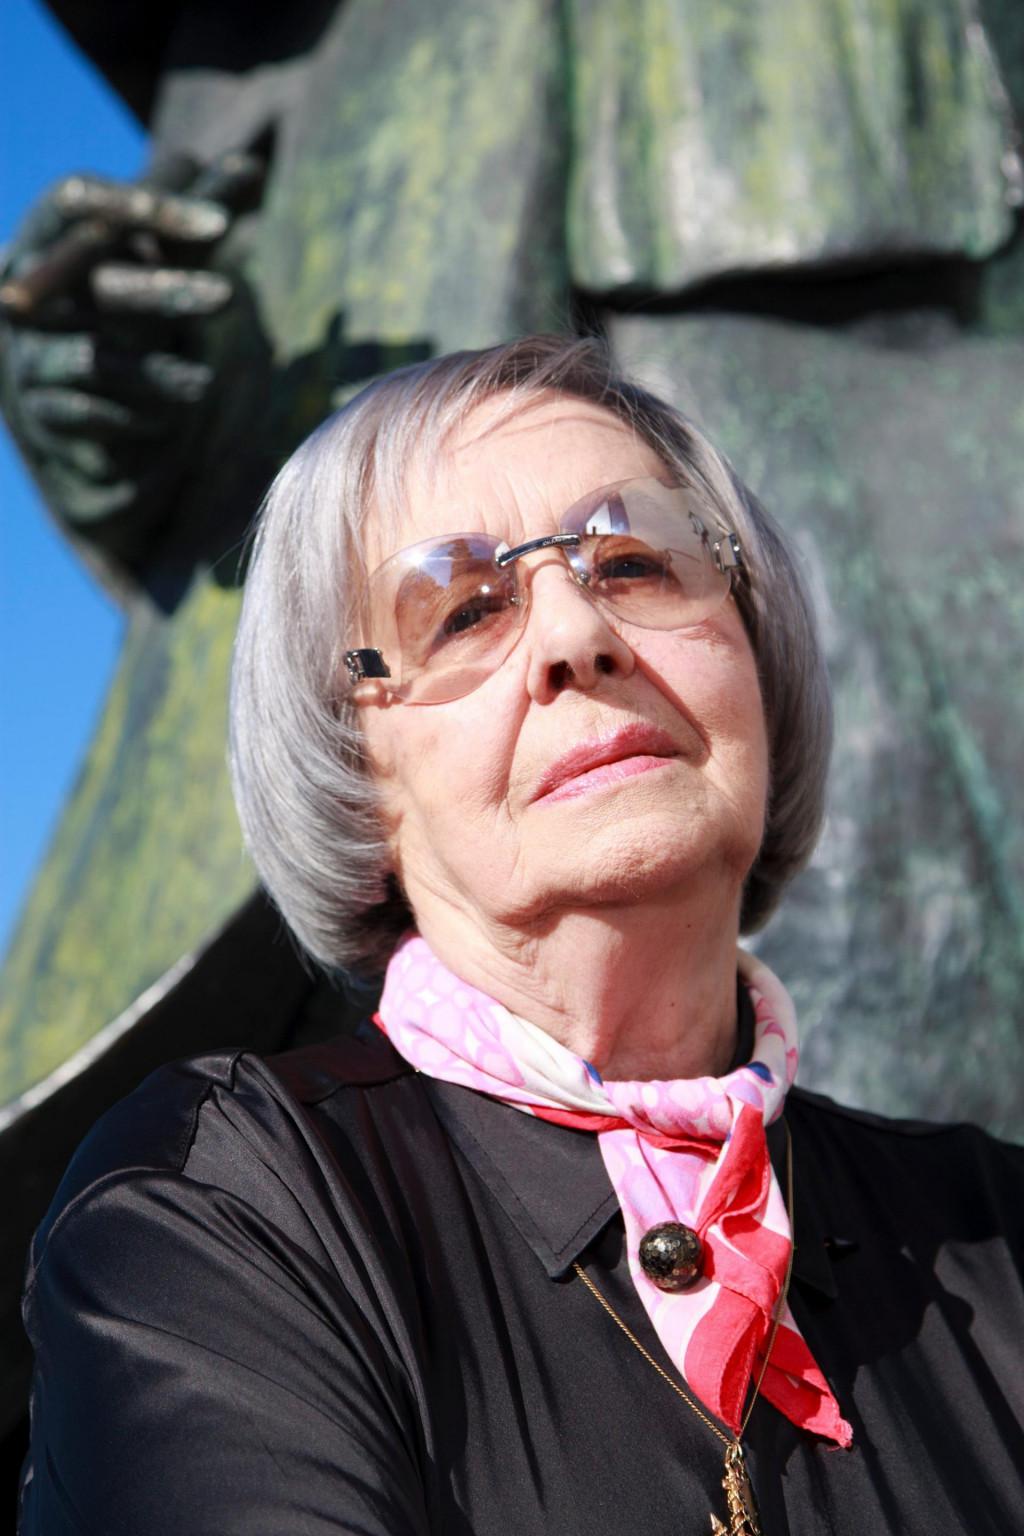 Magda Matošić uvijek je bila od onih kotačića što su među najvažnijim u mehanizmu predstave i ruži solista<br /> <br /> <br /> <br /> <br /> <br />